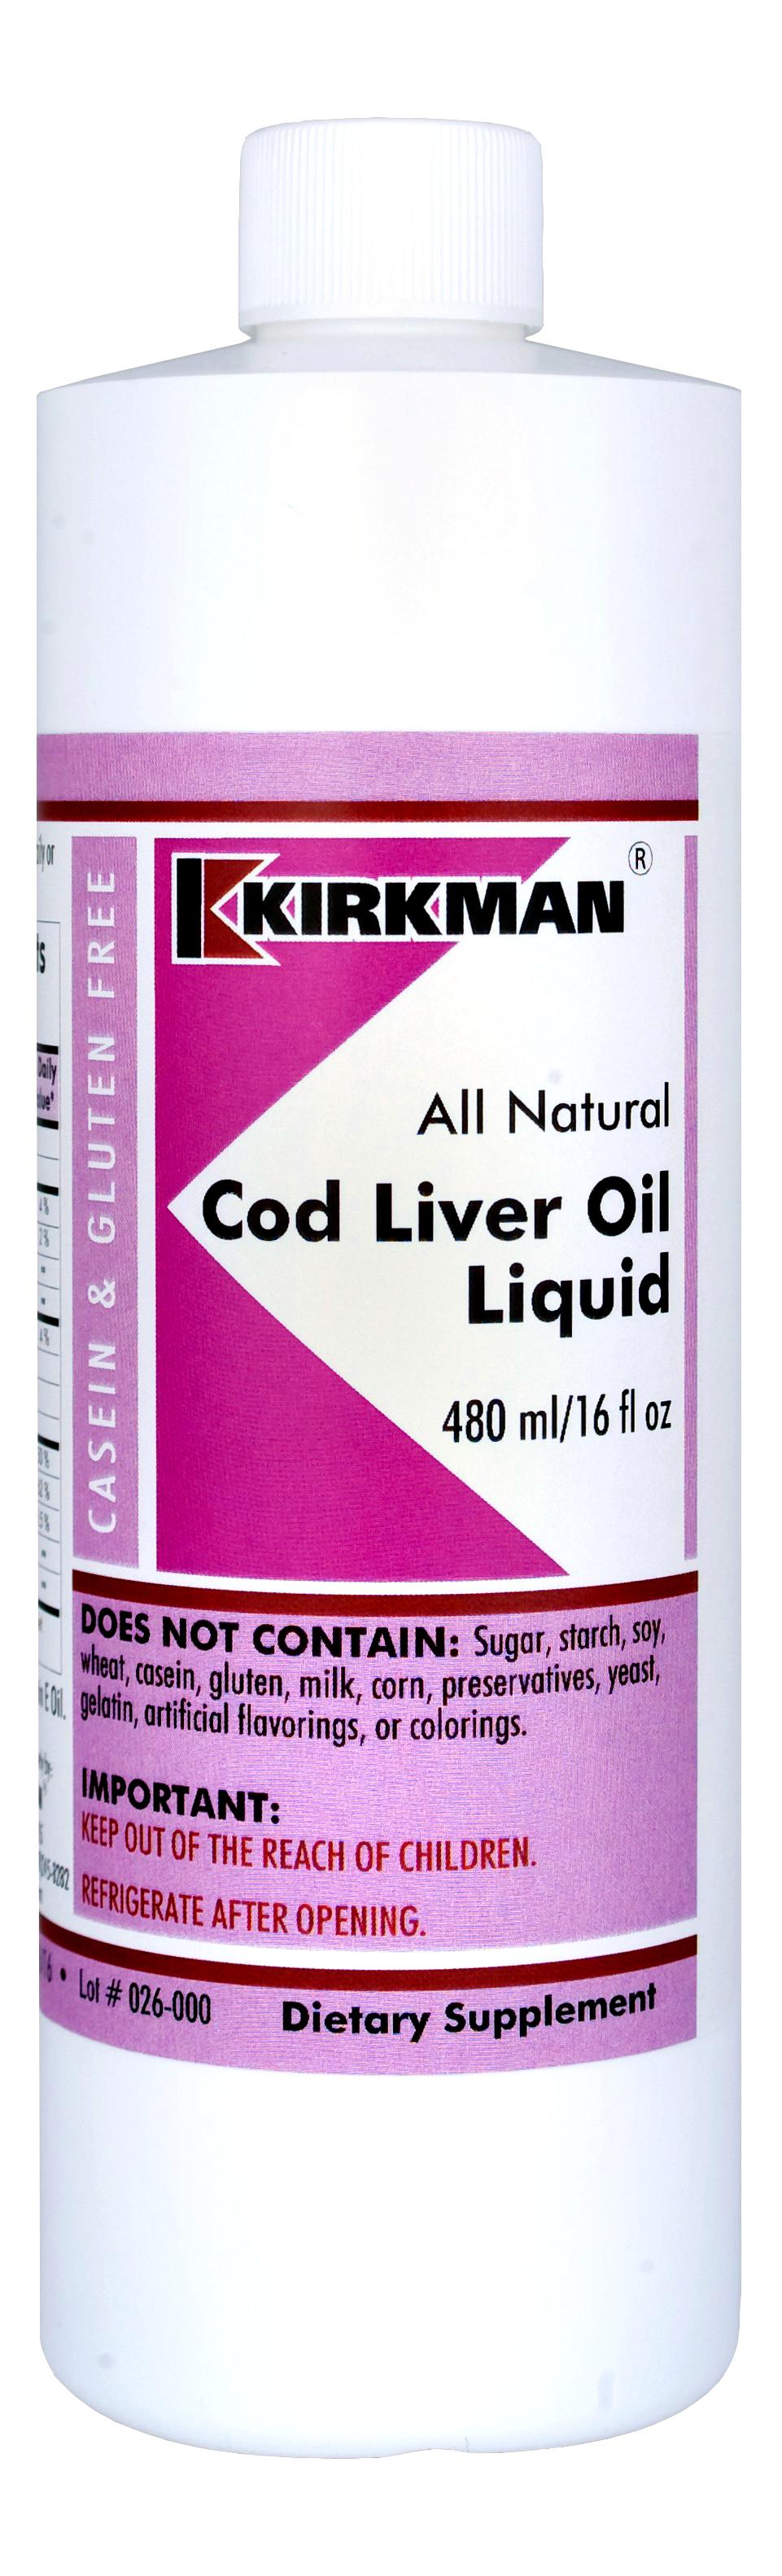 Cod Liver Oil Liquid (tran) - 473ml Image